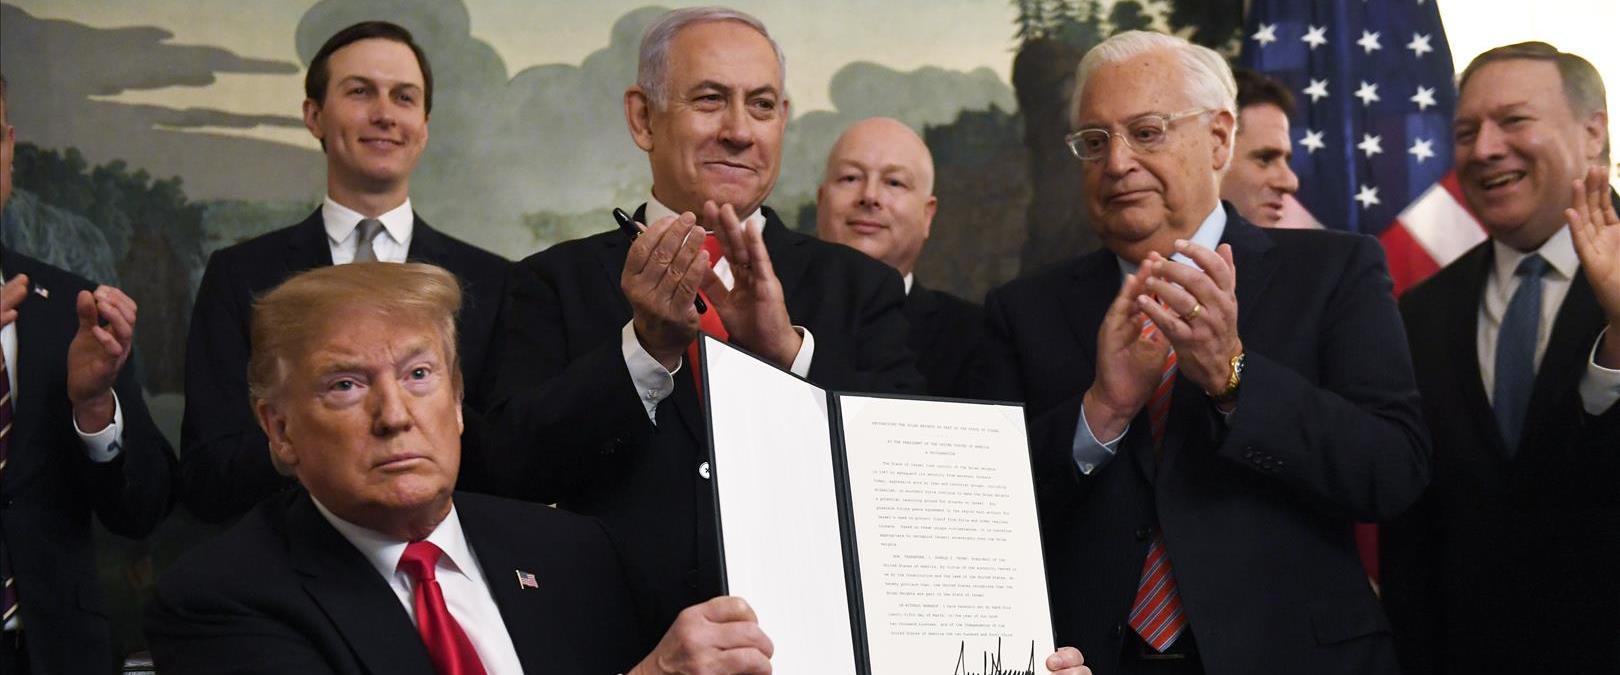 טראמפ ונתניהו במעמד ההכרה בריבונות ישראל בגולן